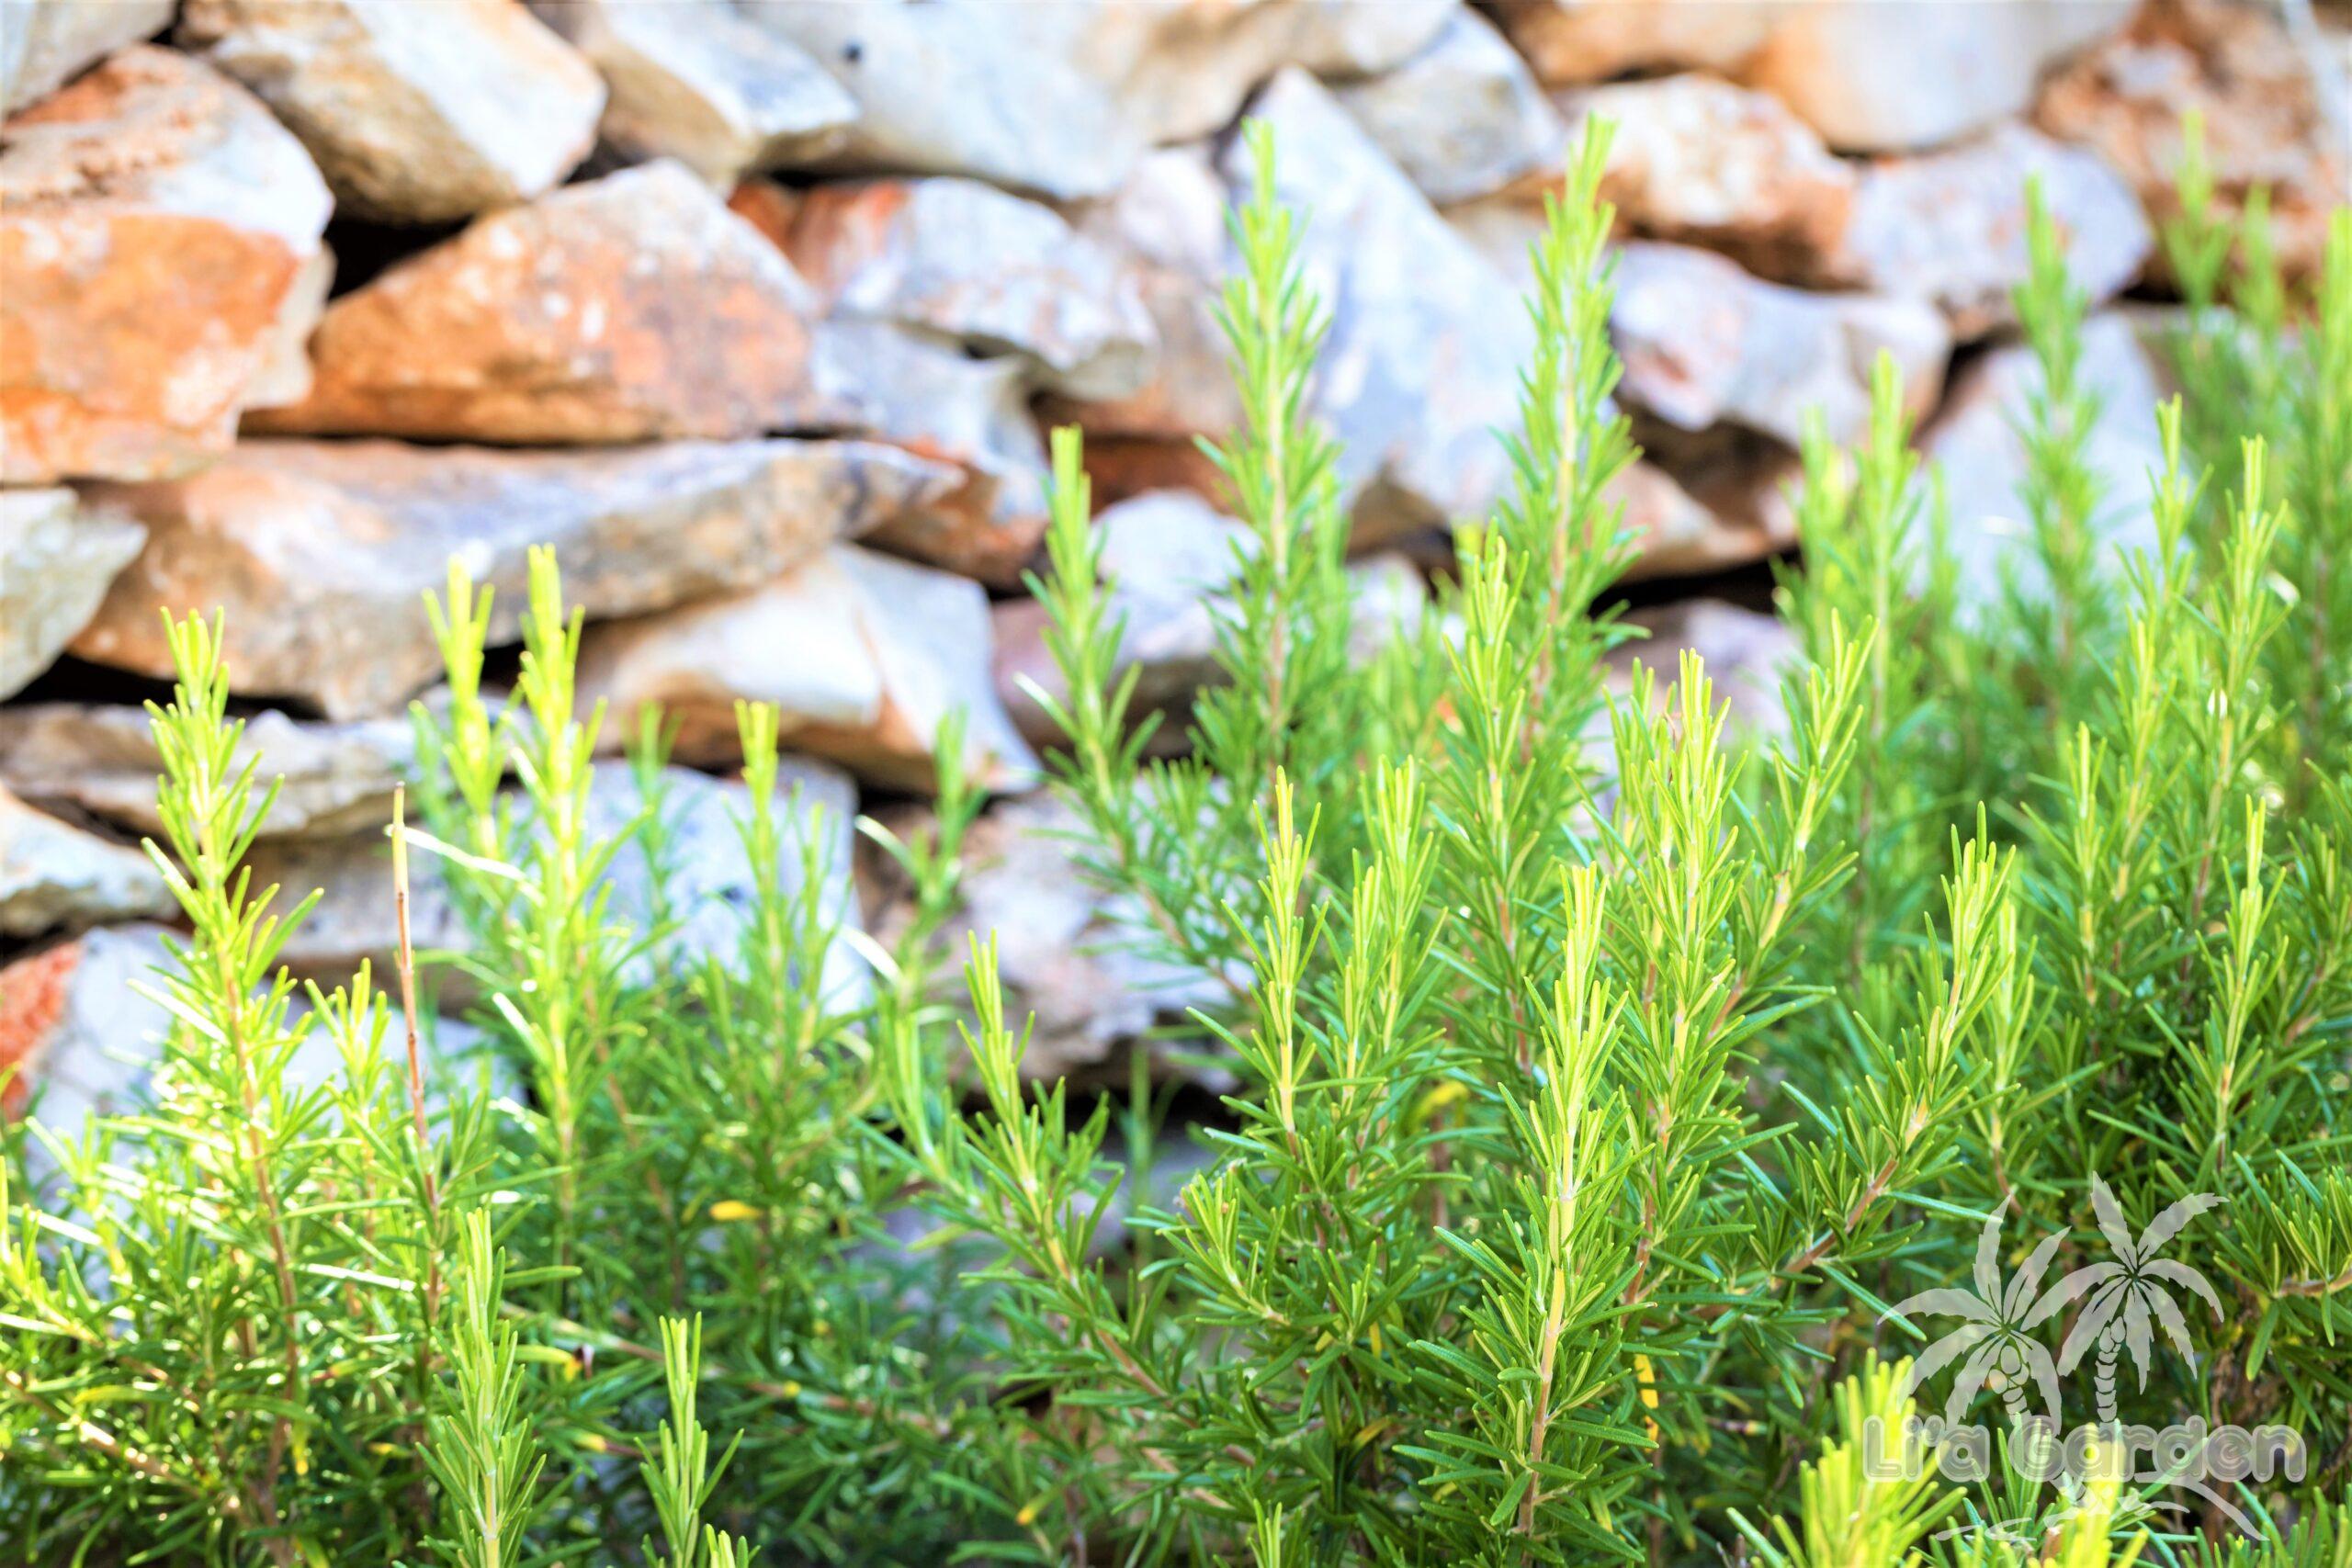 【低木】 ローズマリー Rosmarinus 〈常緑広葉樹〉